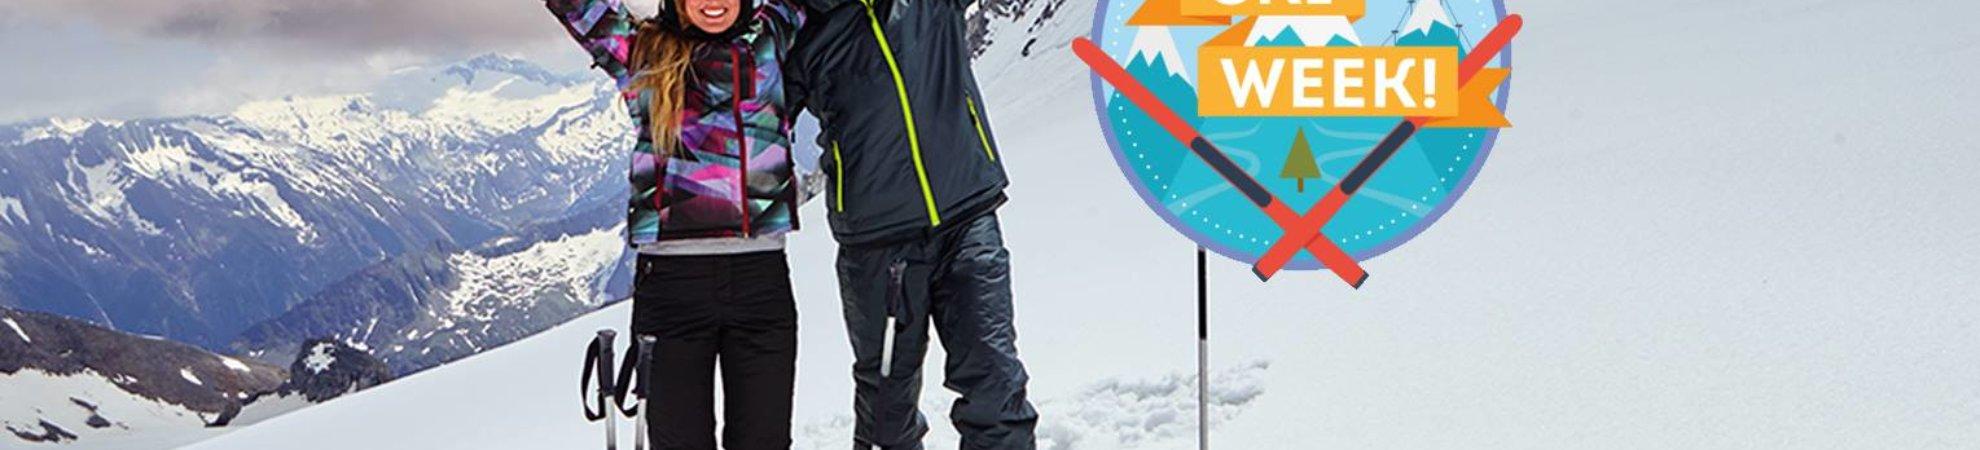 Lidl ski range 2018